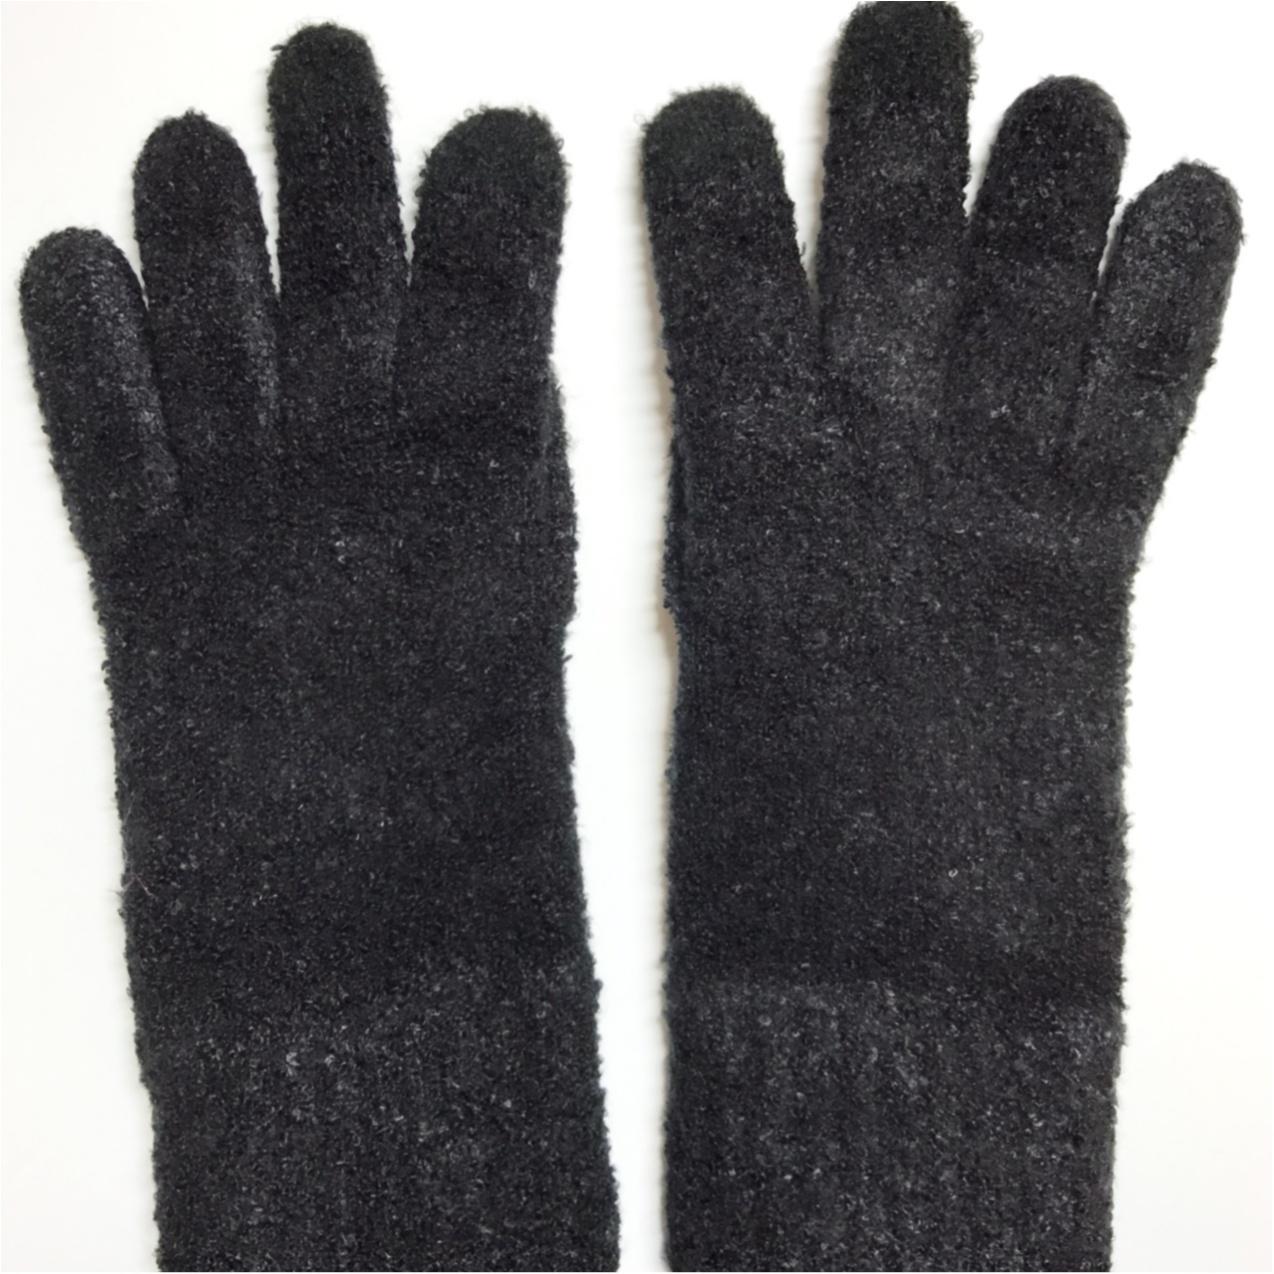 【ワンコインで簡単♪】シンプル手袋を可愛くリメイク❤︎_1